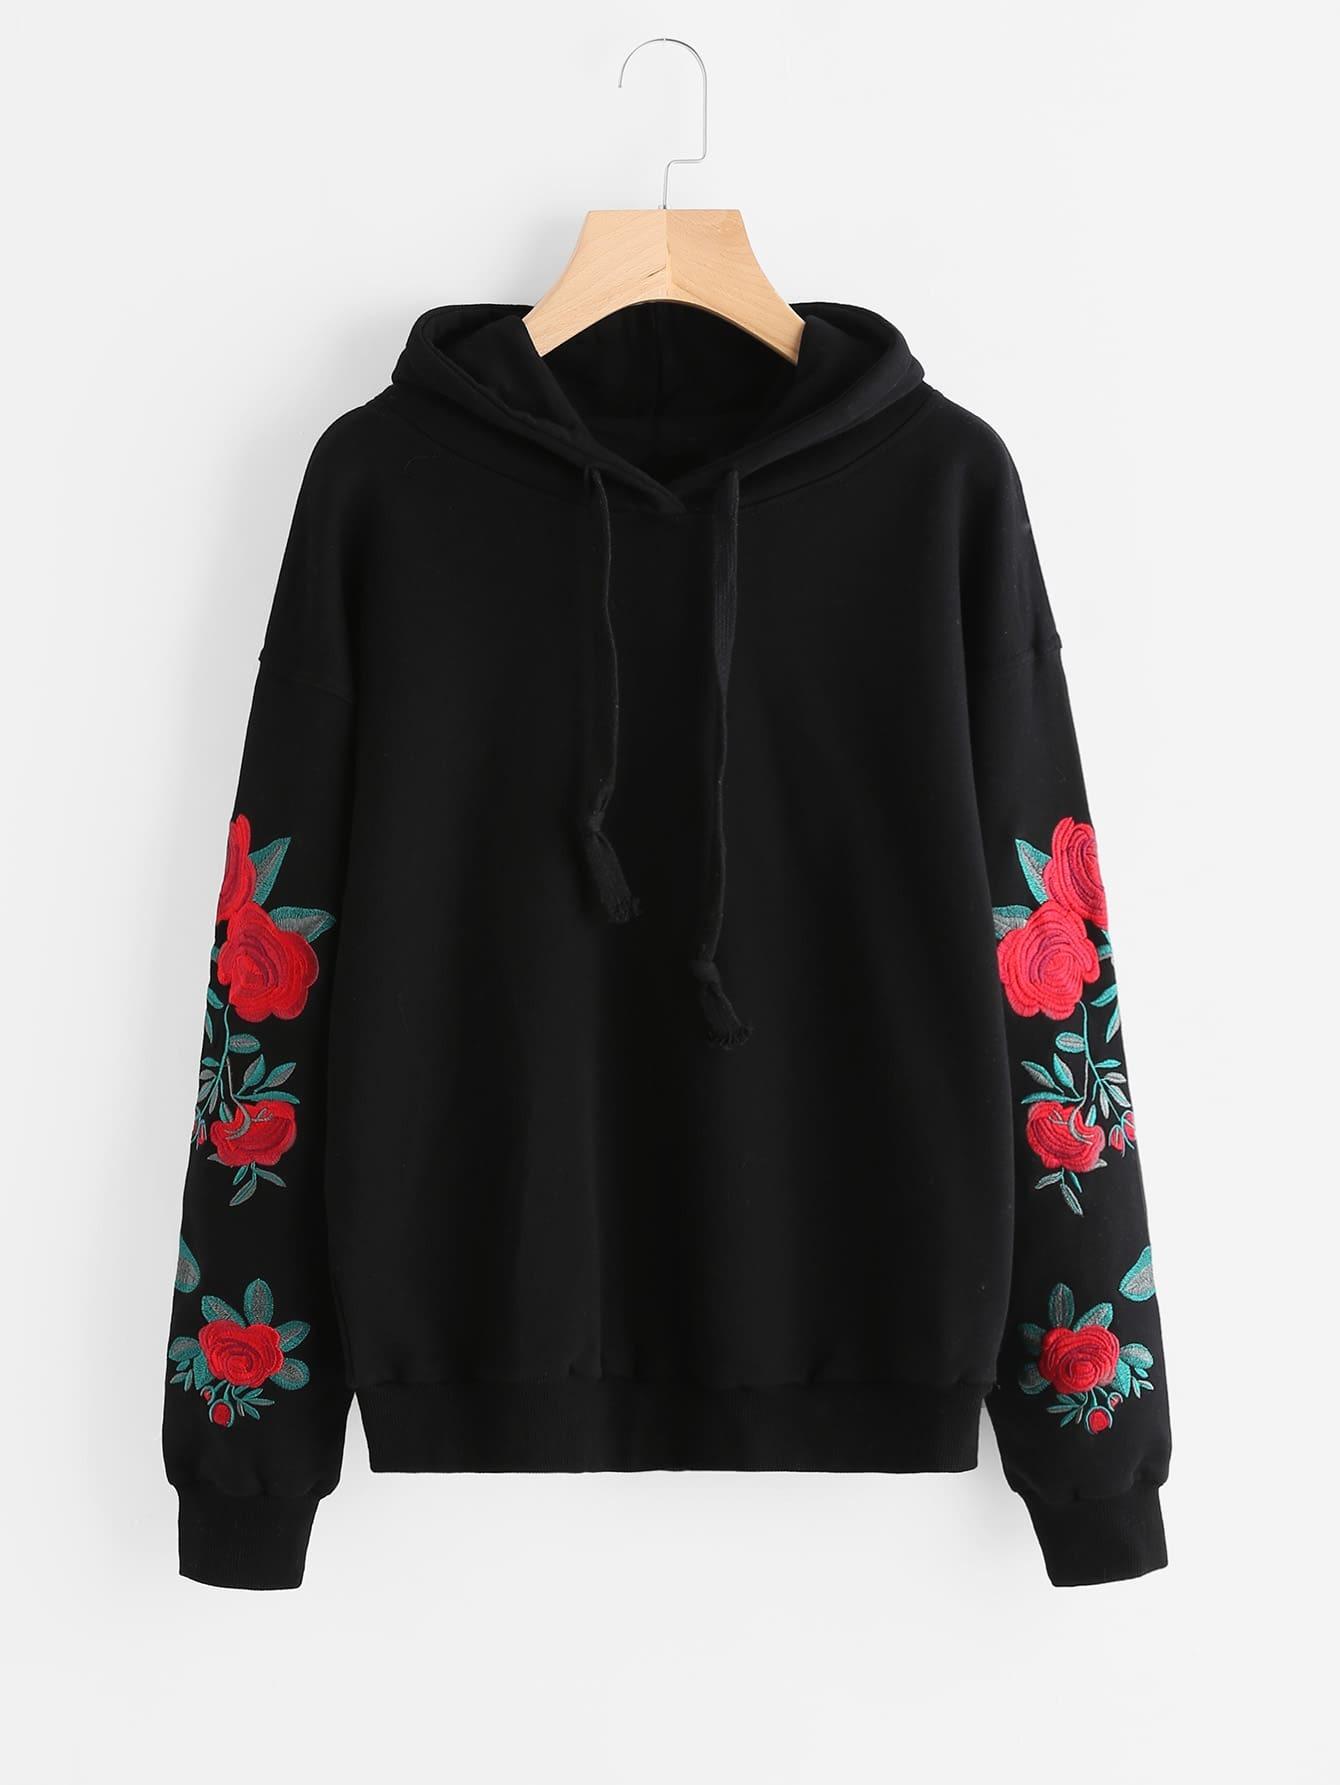 Floral hoodies